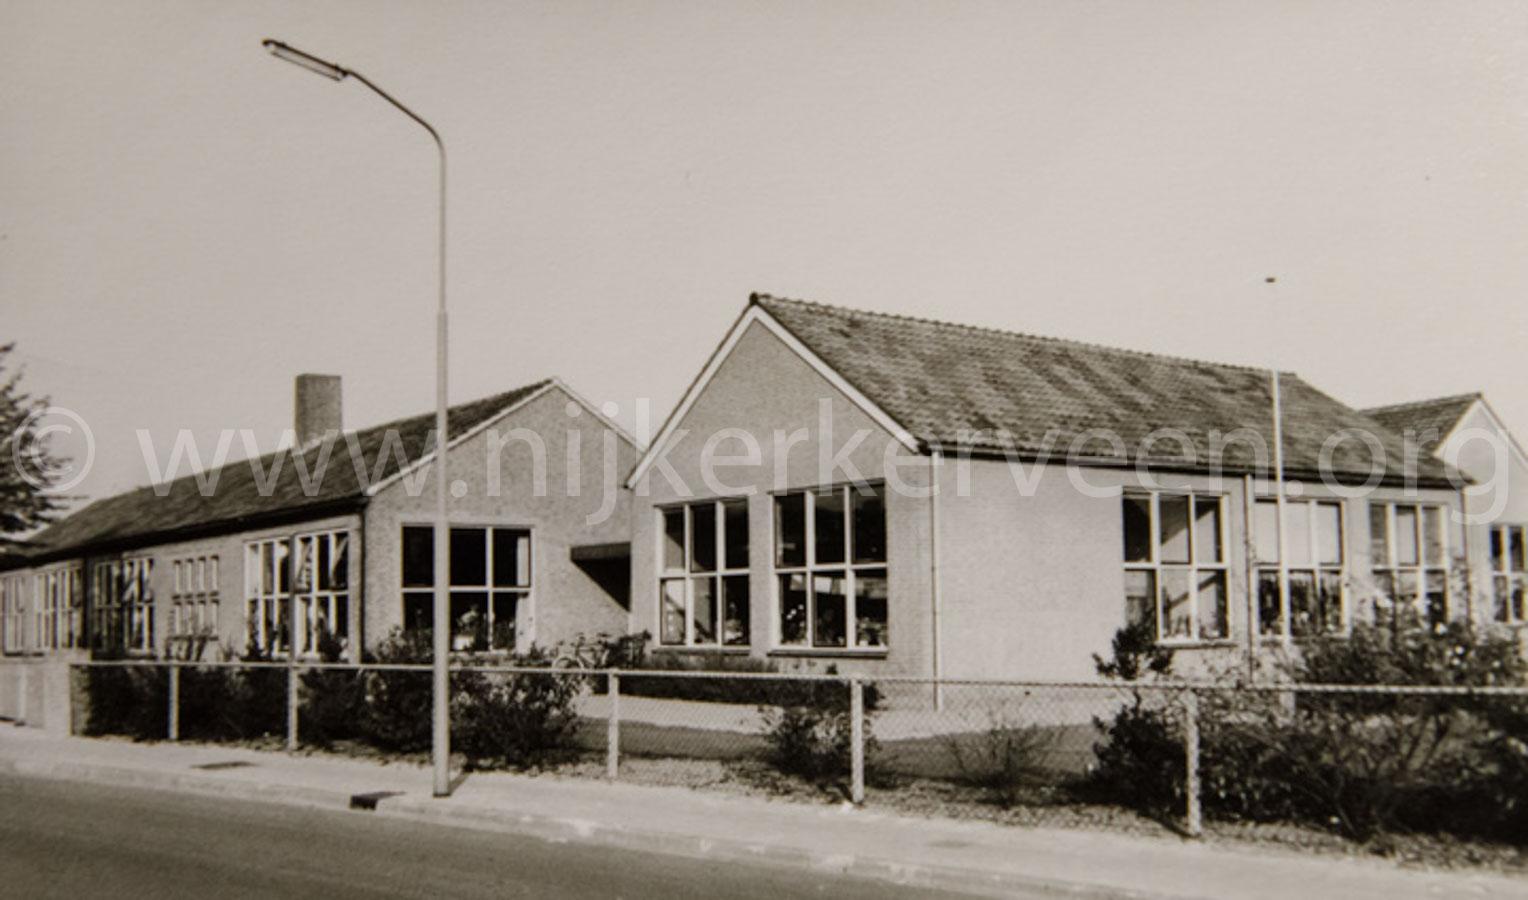 Van-Rootselaarschool-meesterswoningen-begin-jaren-70-1